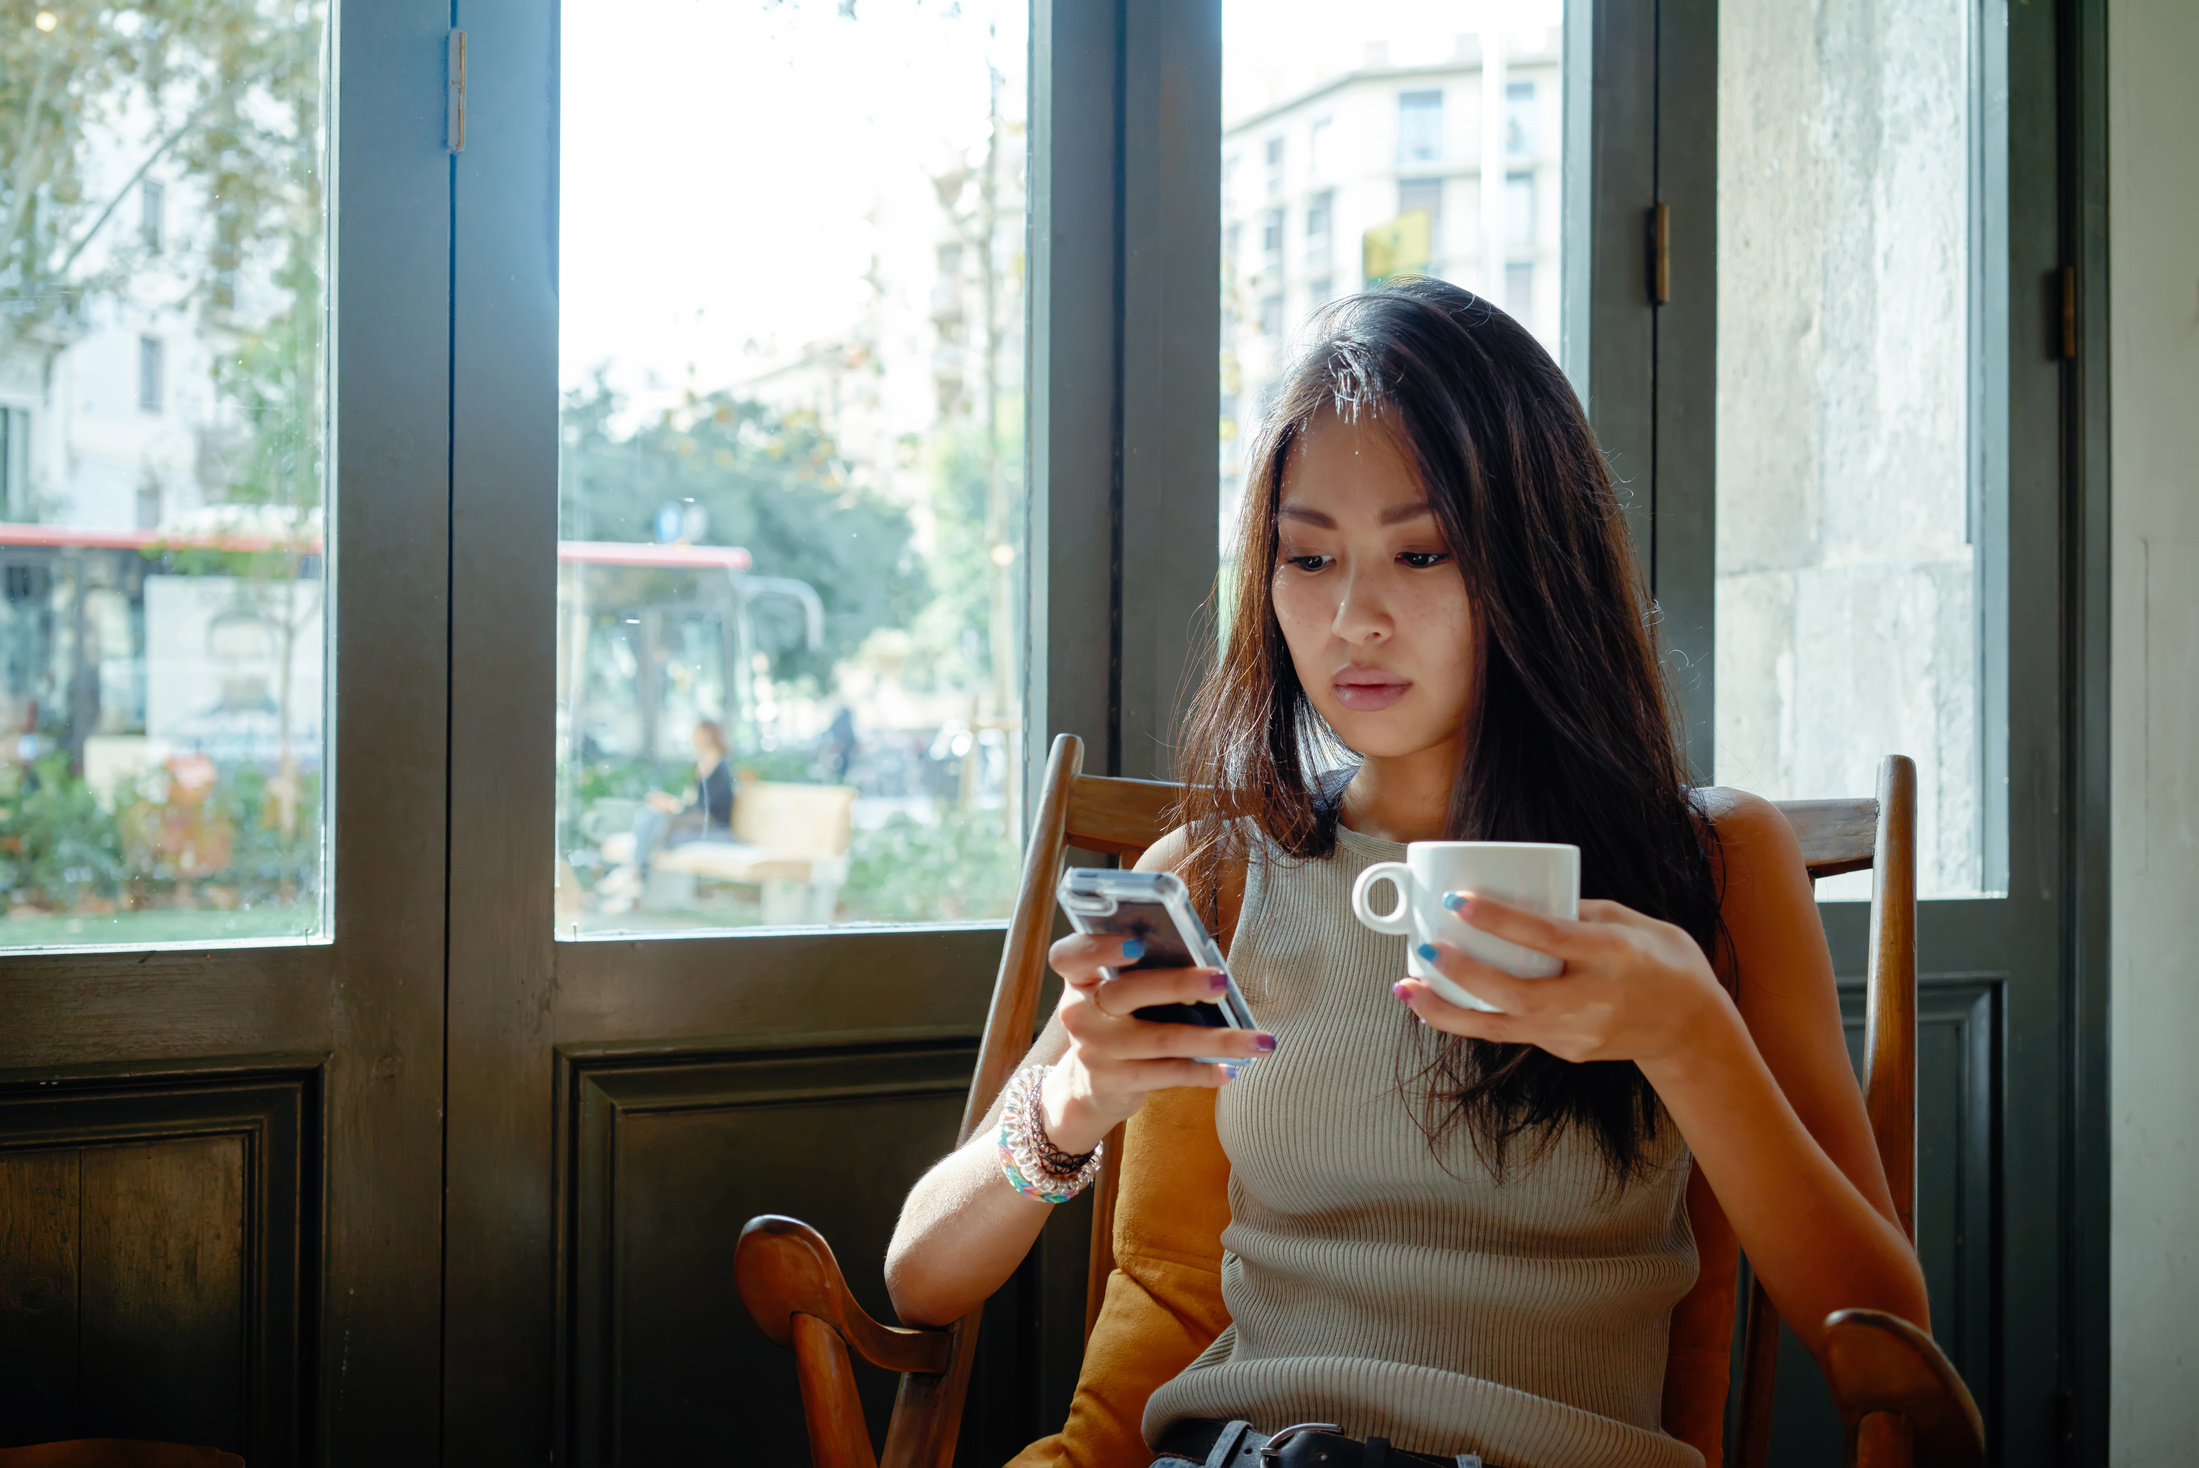 Persona haciendo un KYC con el móvil